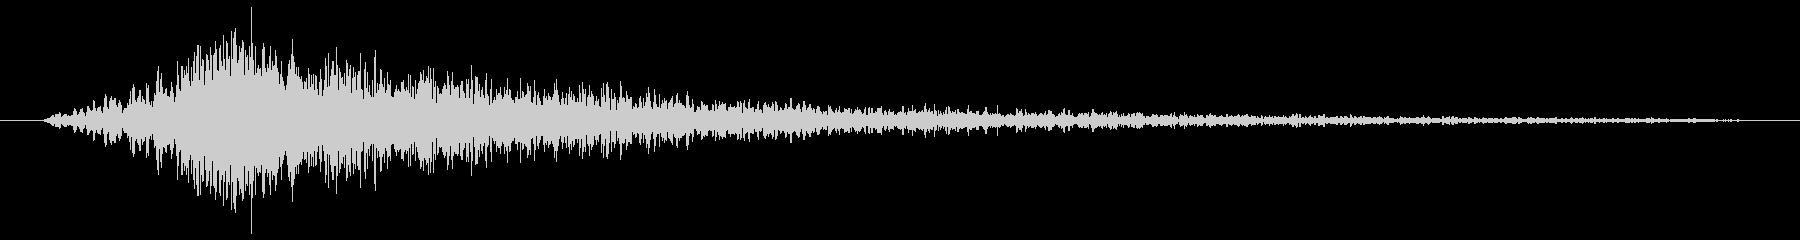 打撃 ロングラウドインパクト01の未再生の波形